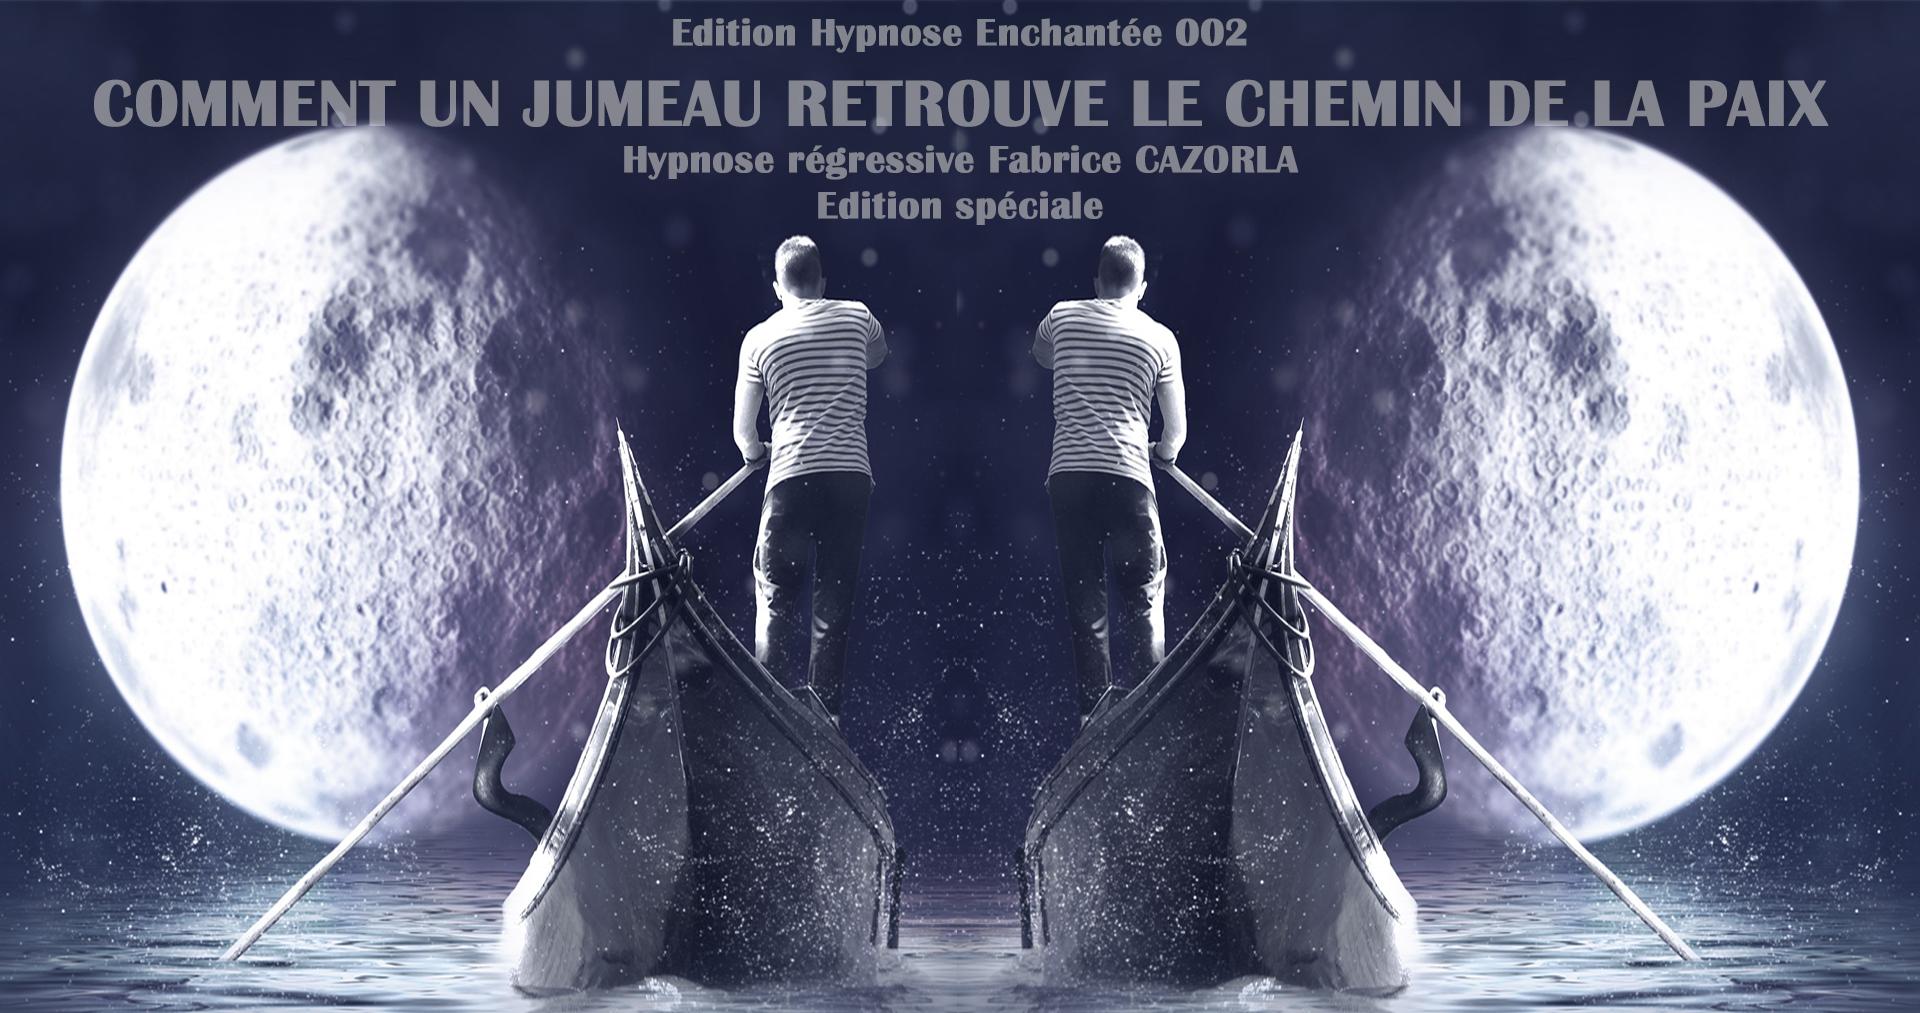 Edition Hypnose Enchantée 002 – Comment un jumeau retrouve le chemin de la paix - Hypnose régressive Fabrice CAZORLA – Edition spéciale